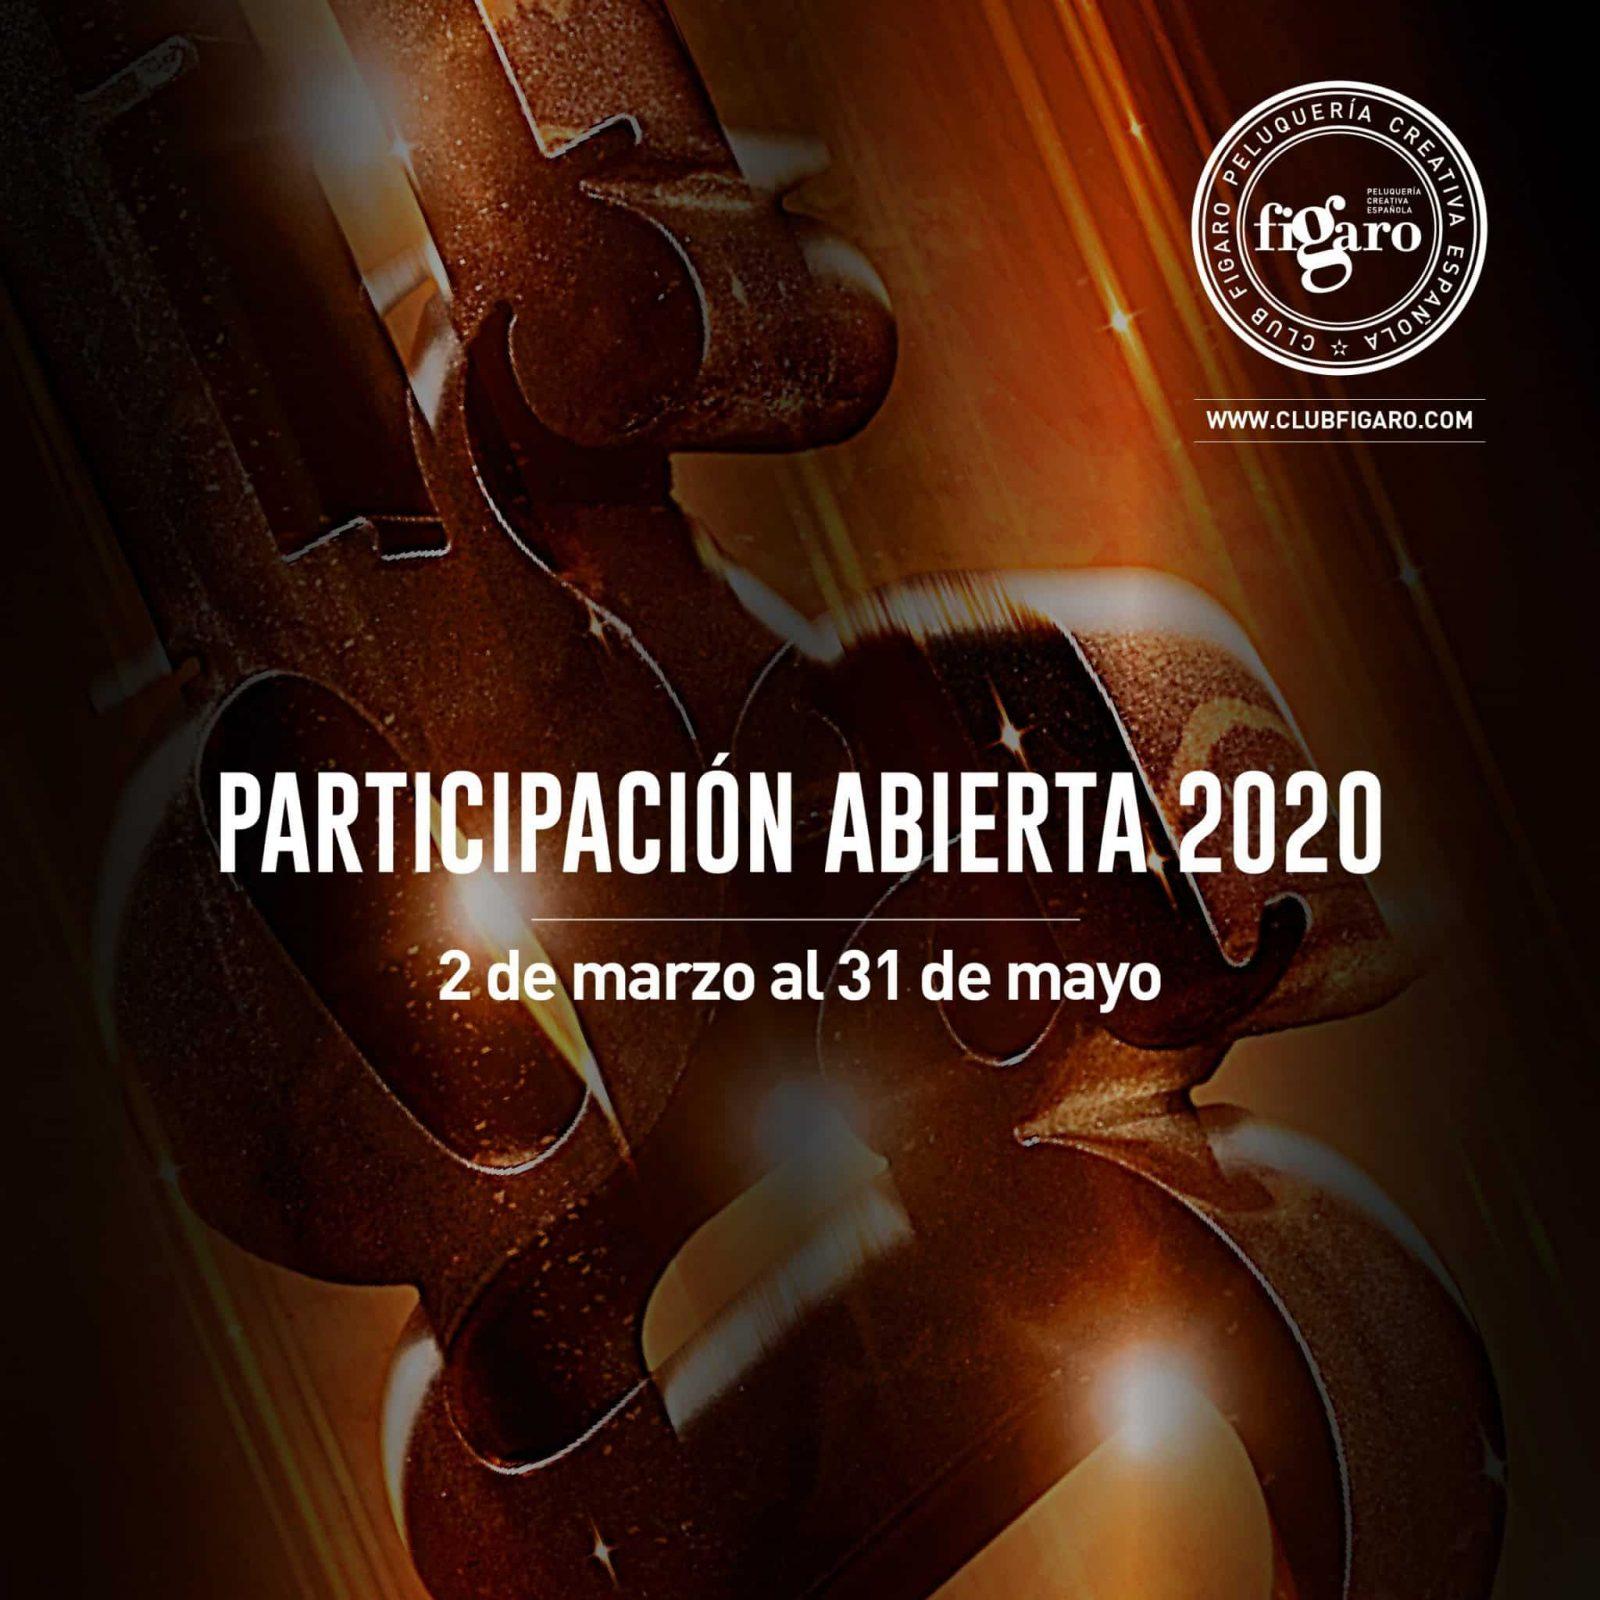 Participacion abierta Figaro 2020